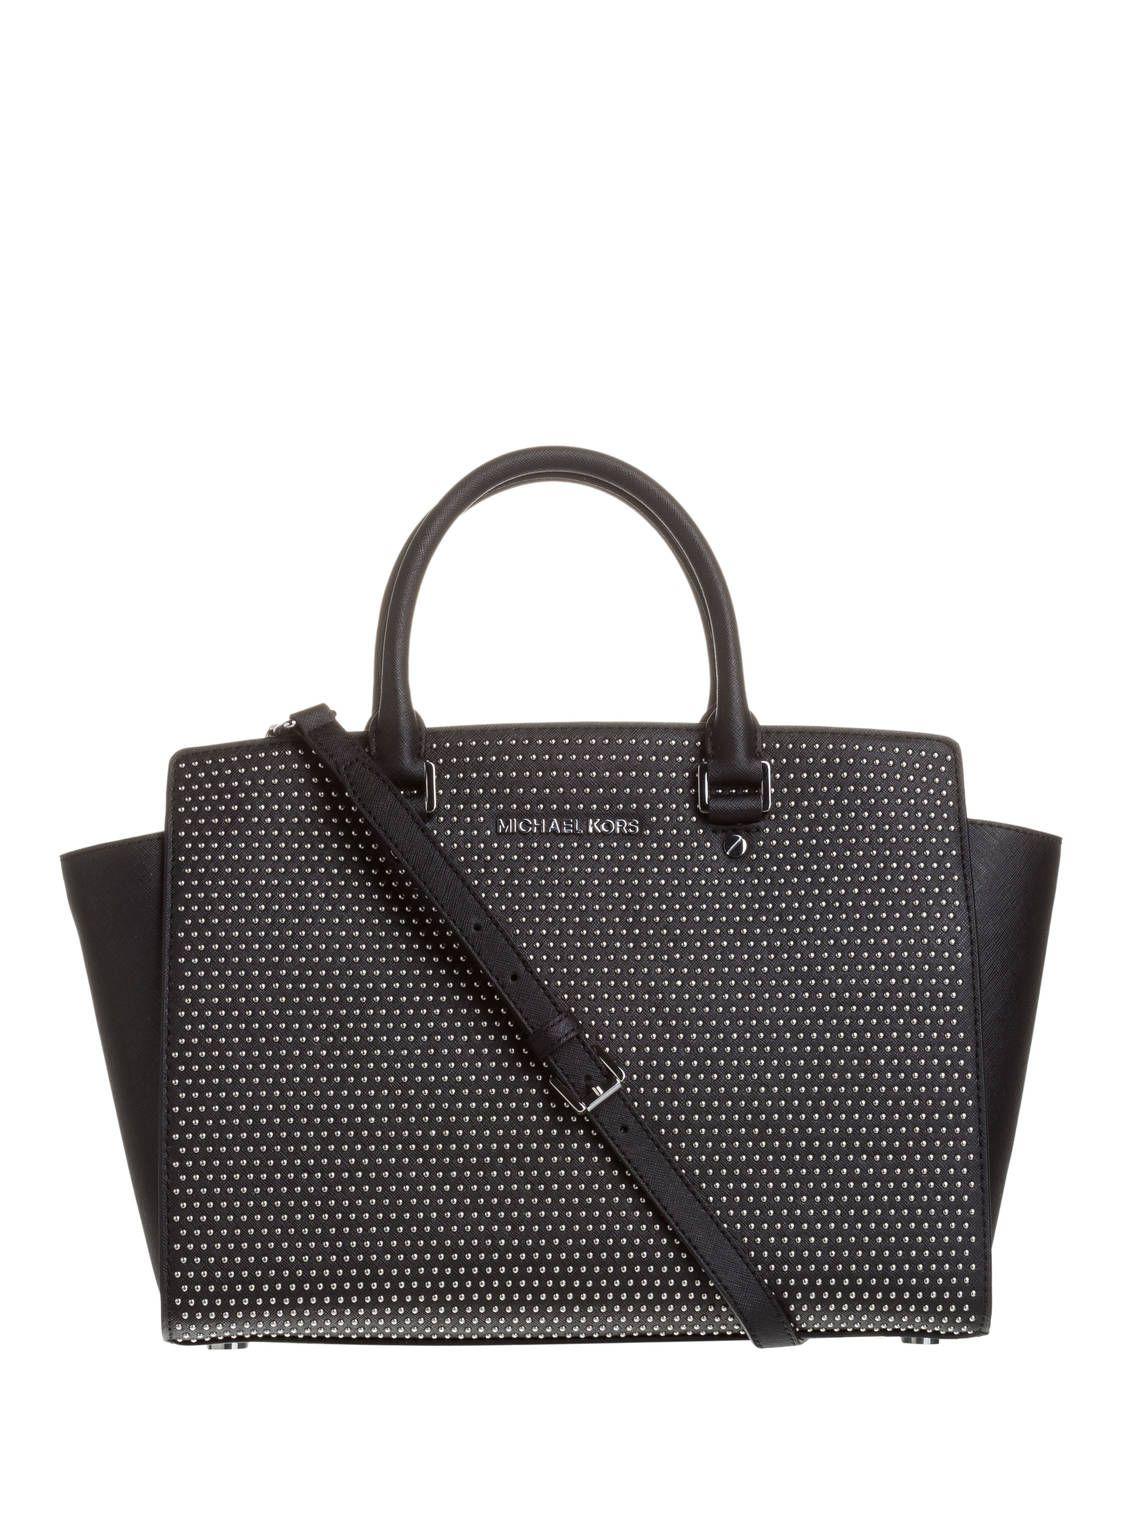 MICHAEL KORS Trapez Tasche SELMA | taschen modern | Taschen